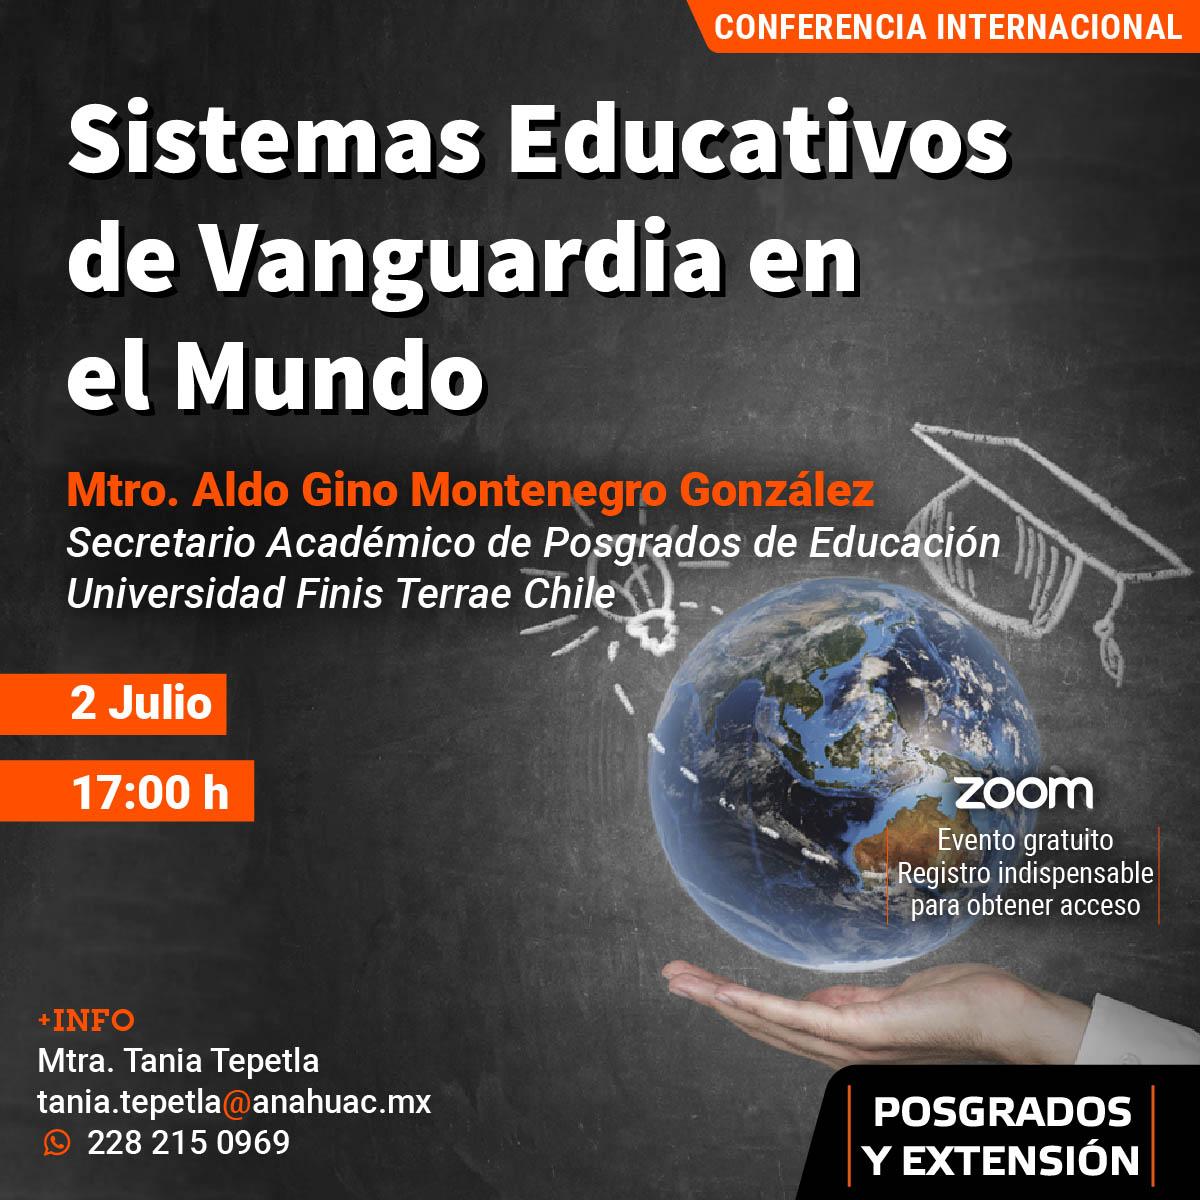 Sistemas Educativos de Vanguardia en el Mundo